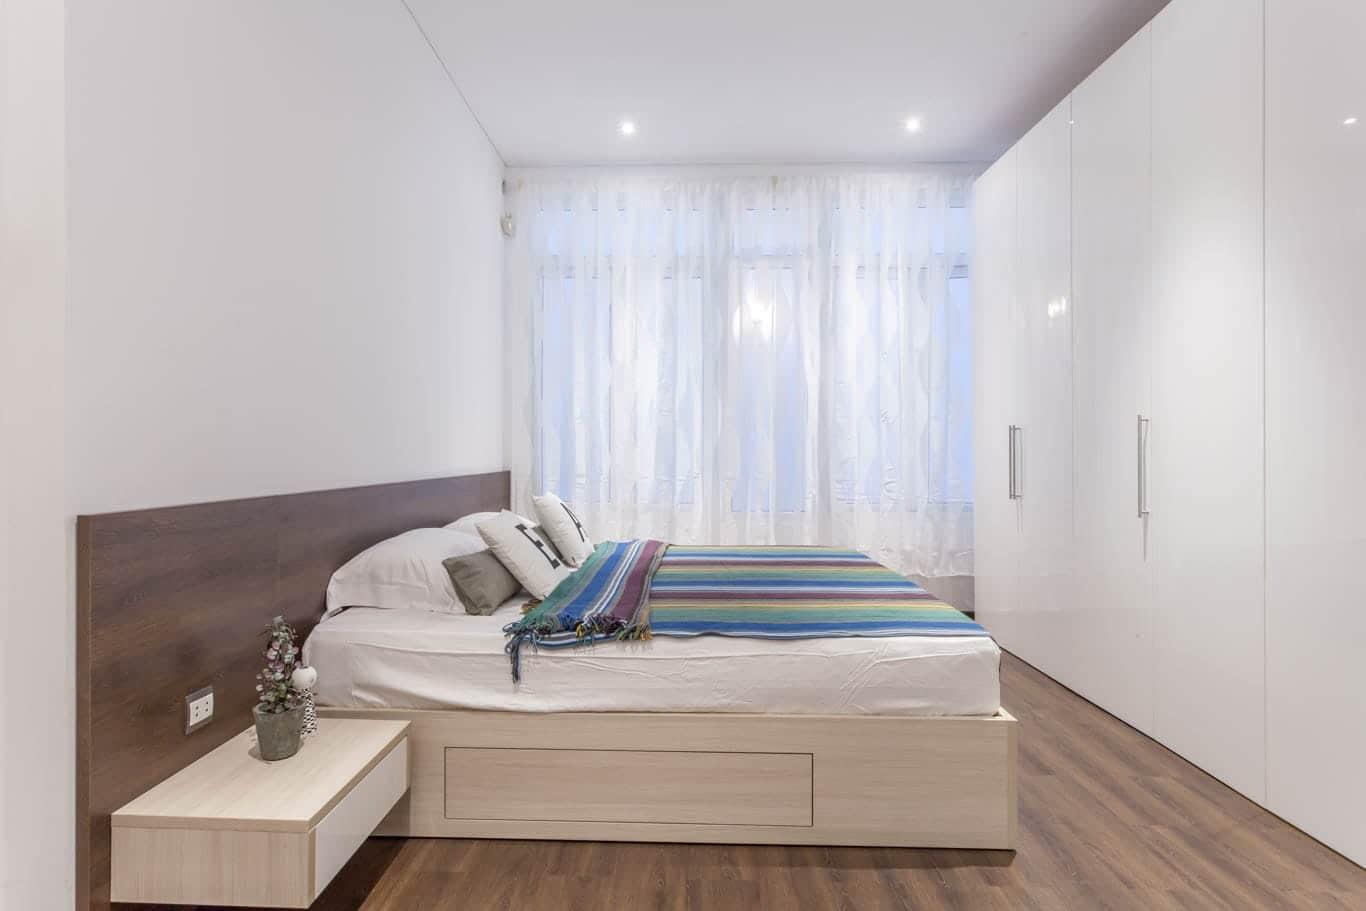 bố trí giường ngủ đúng cách, hợp phong thủy - hình 02